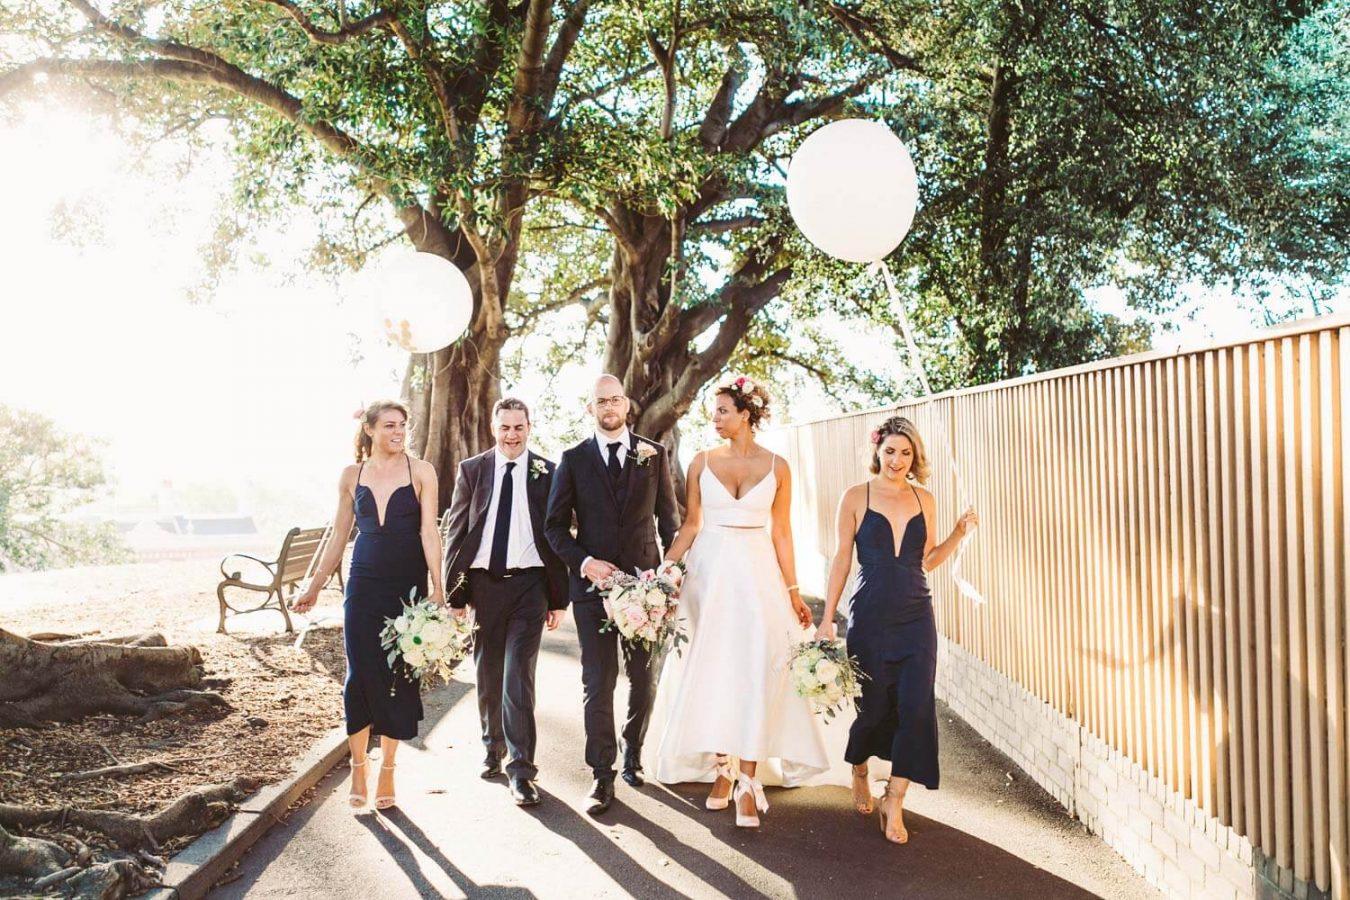 lela_rob_wedding_kat_rollings-0338